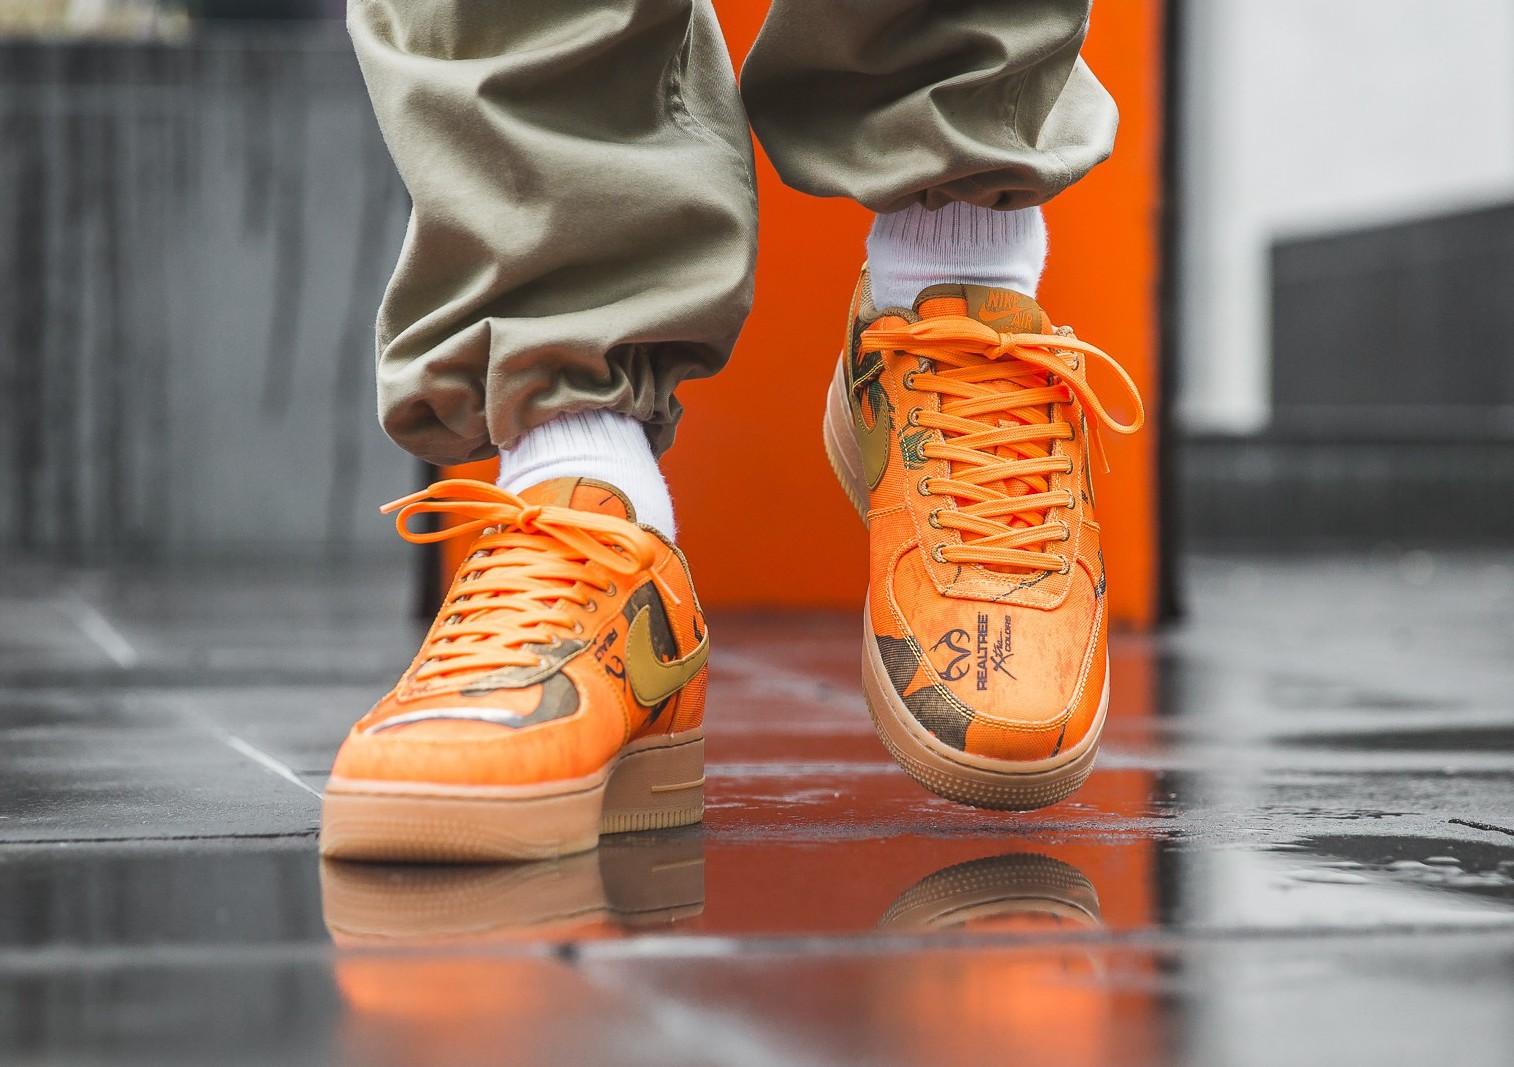 air force 1 — Sneaker News — Sneakers releases & gear   Nike